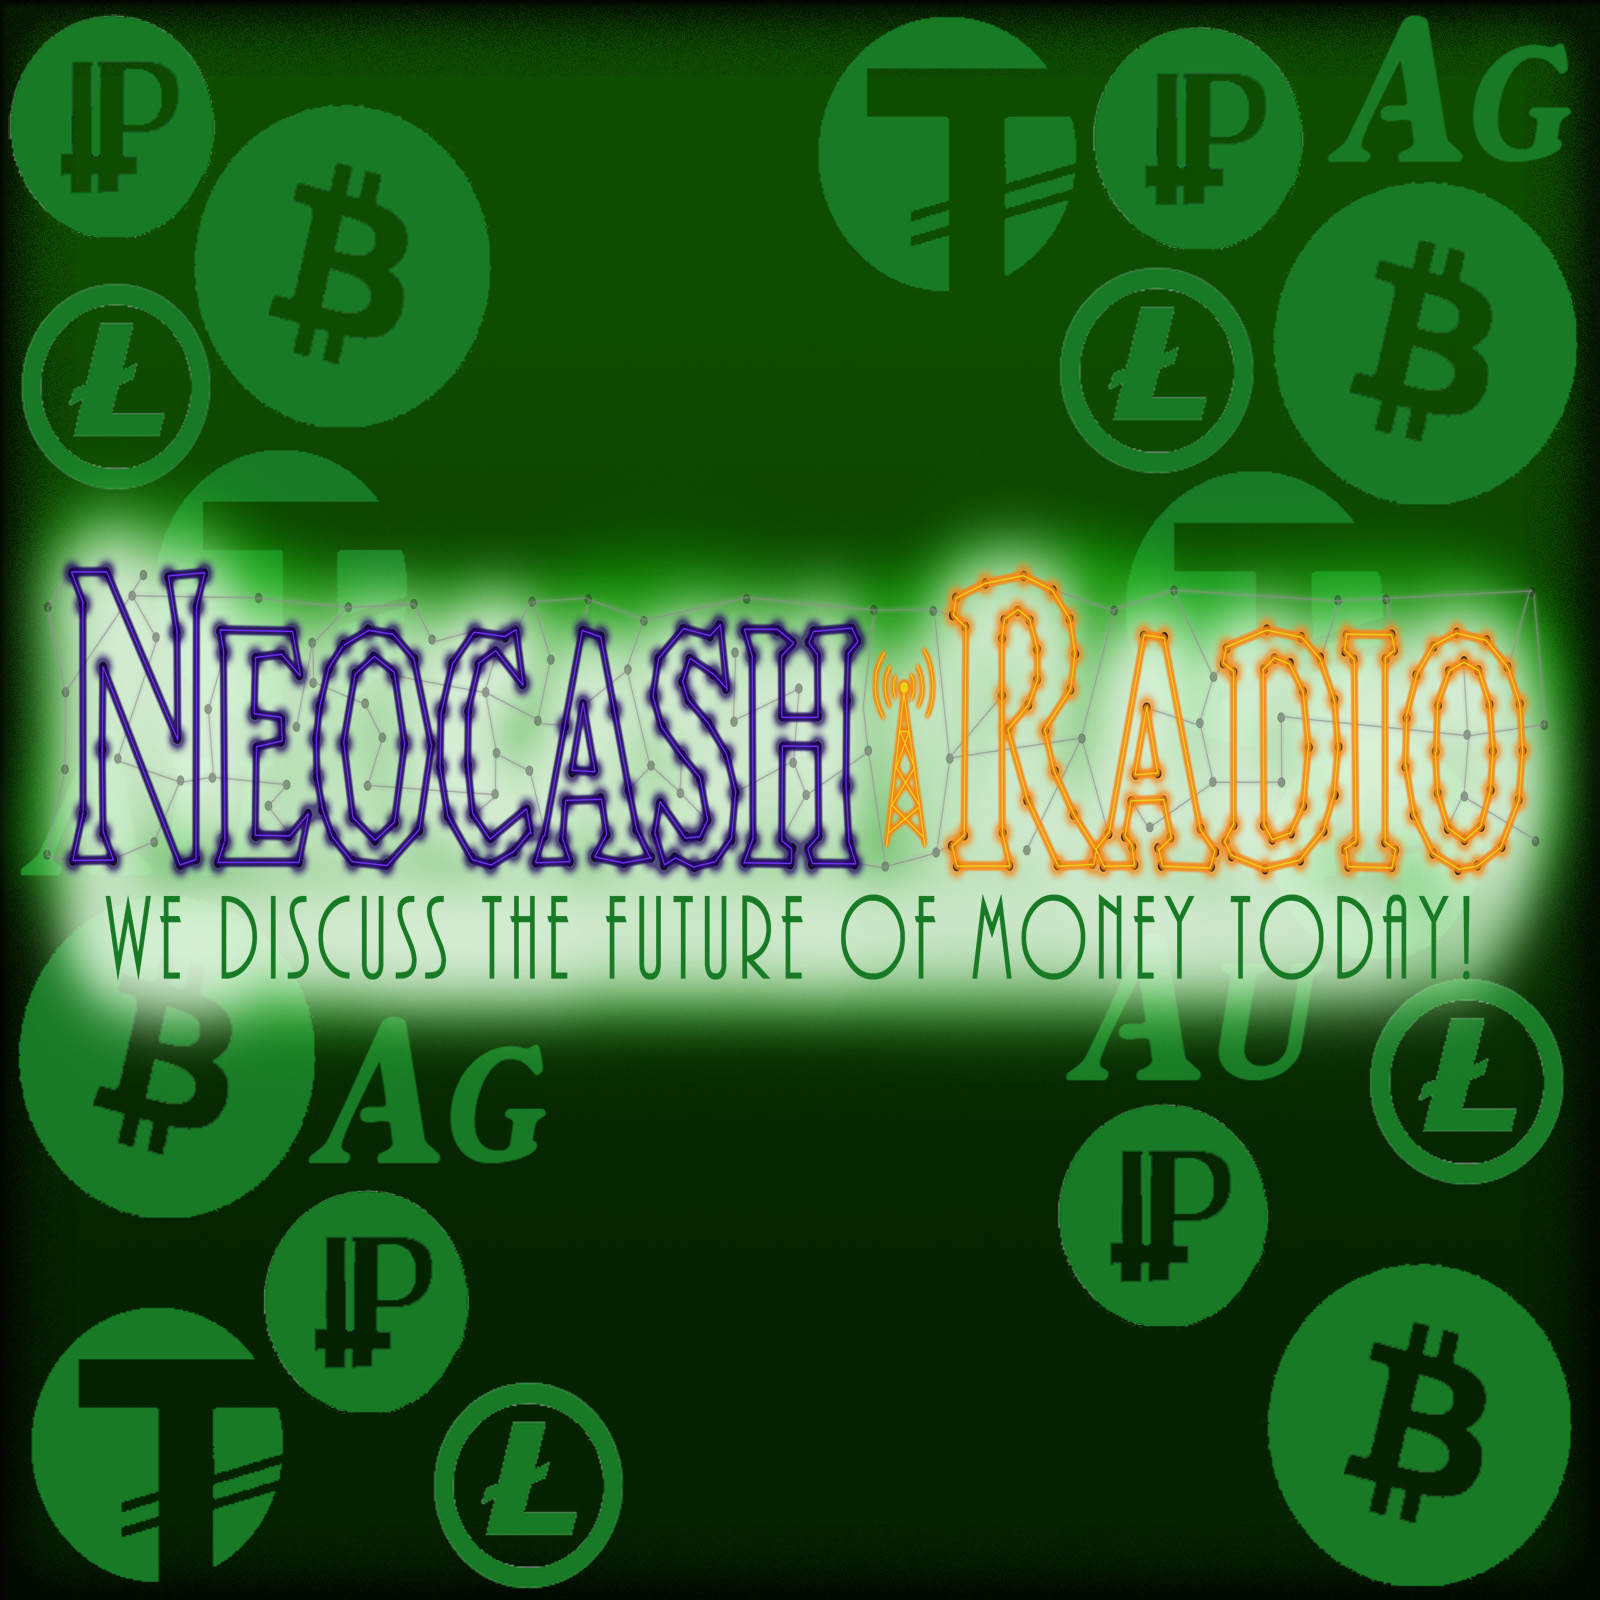 Neocash Radio - Episode 120